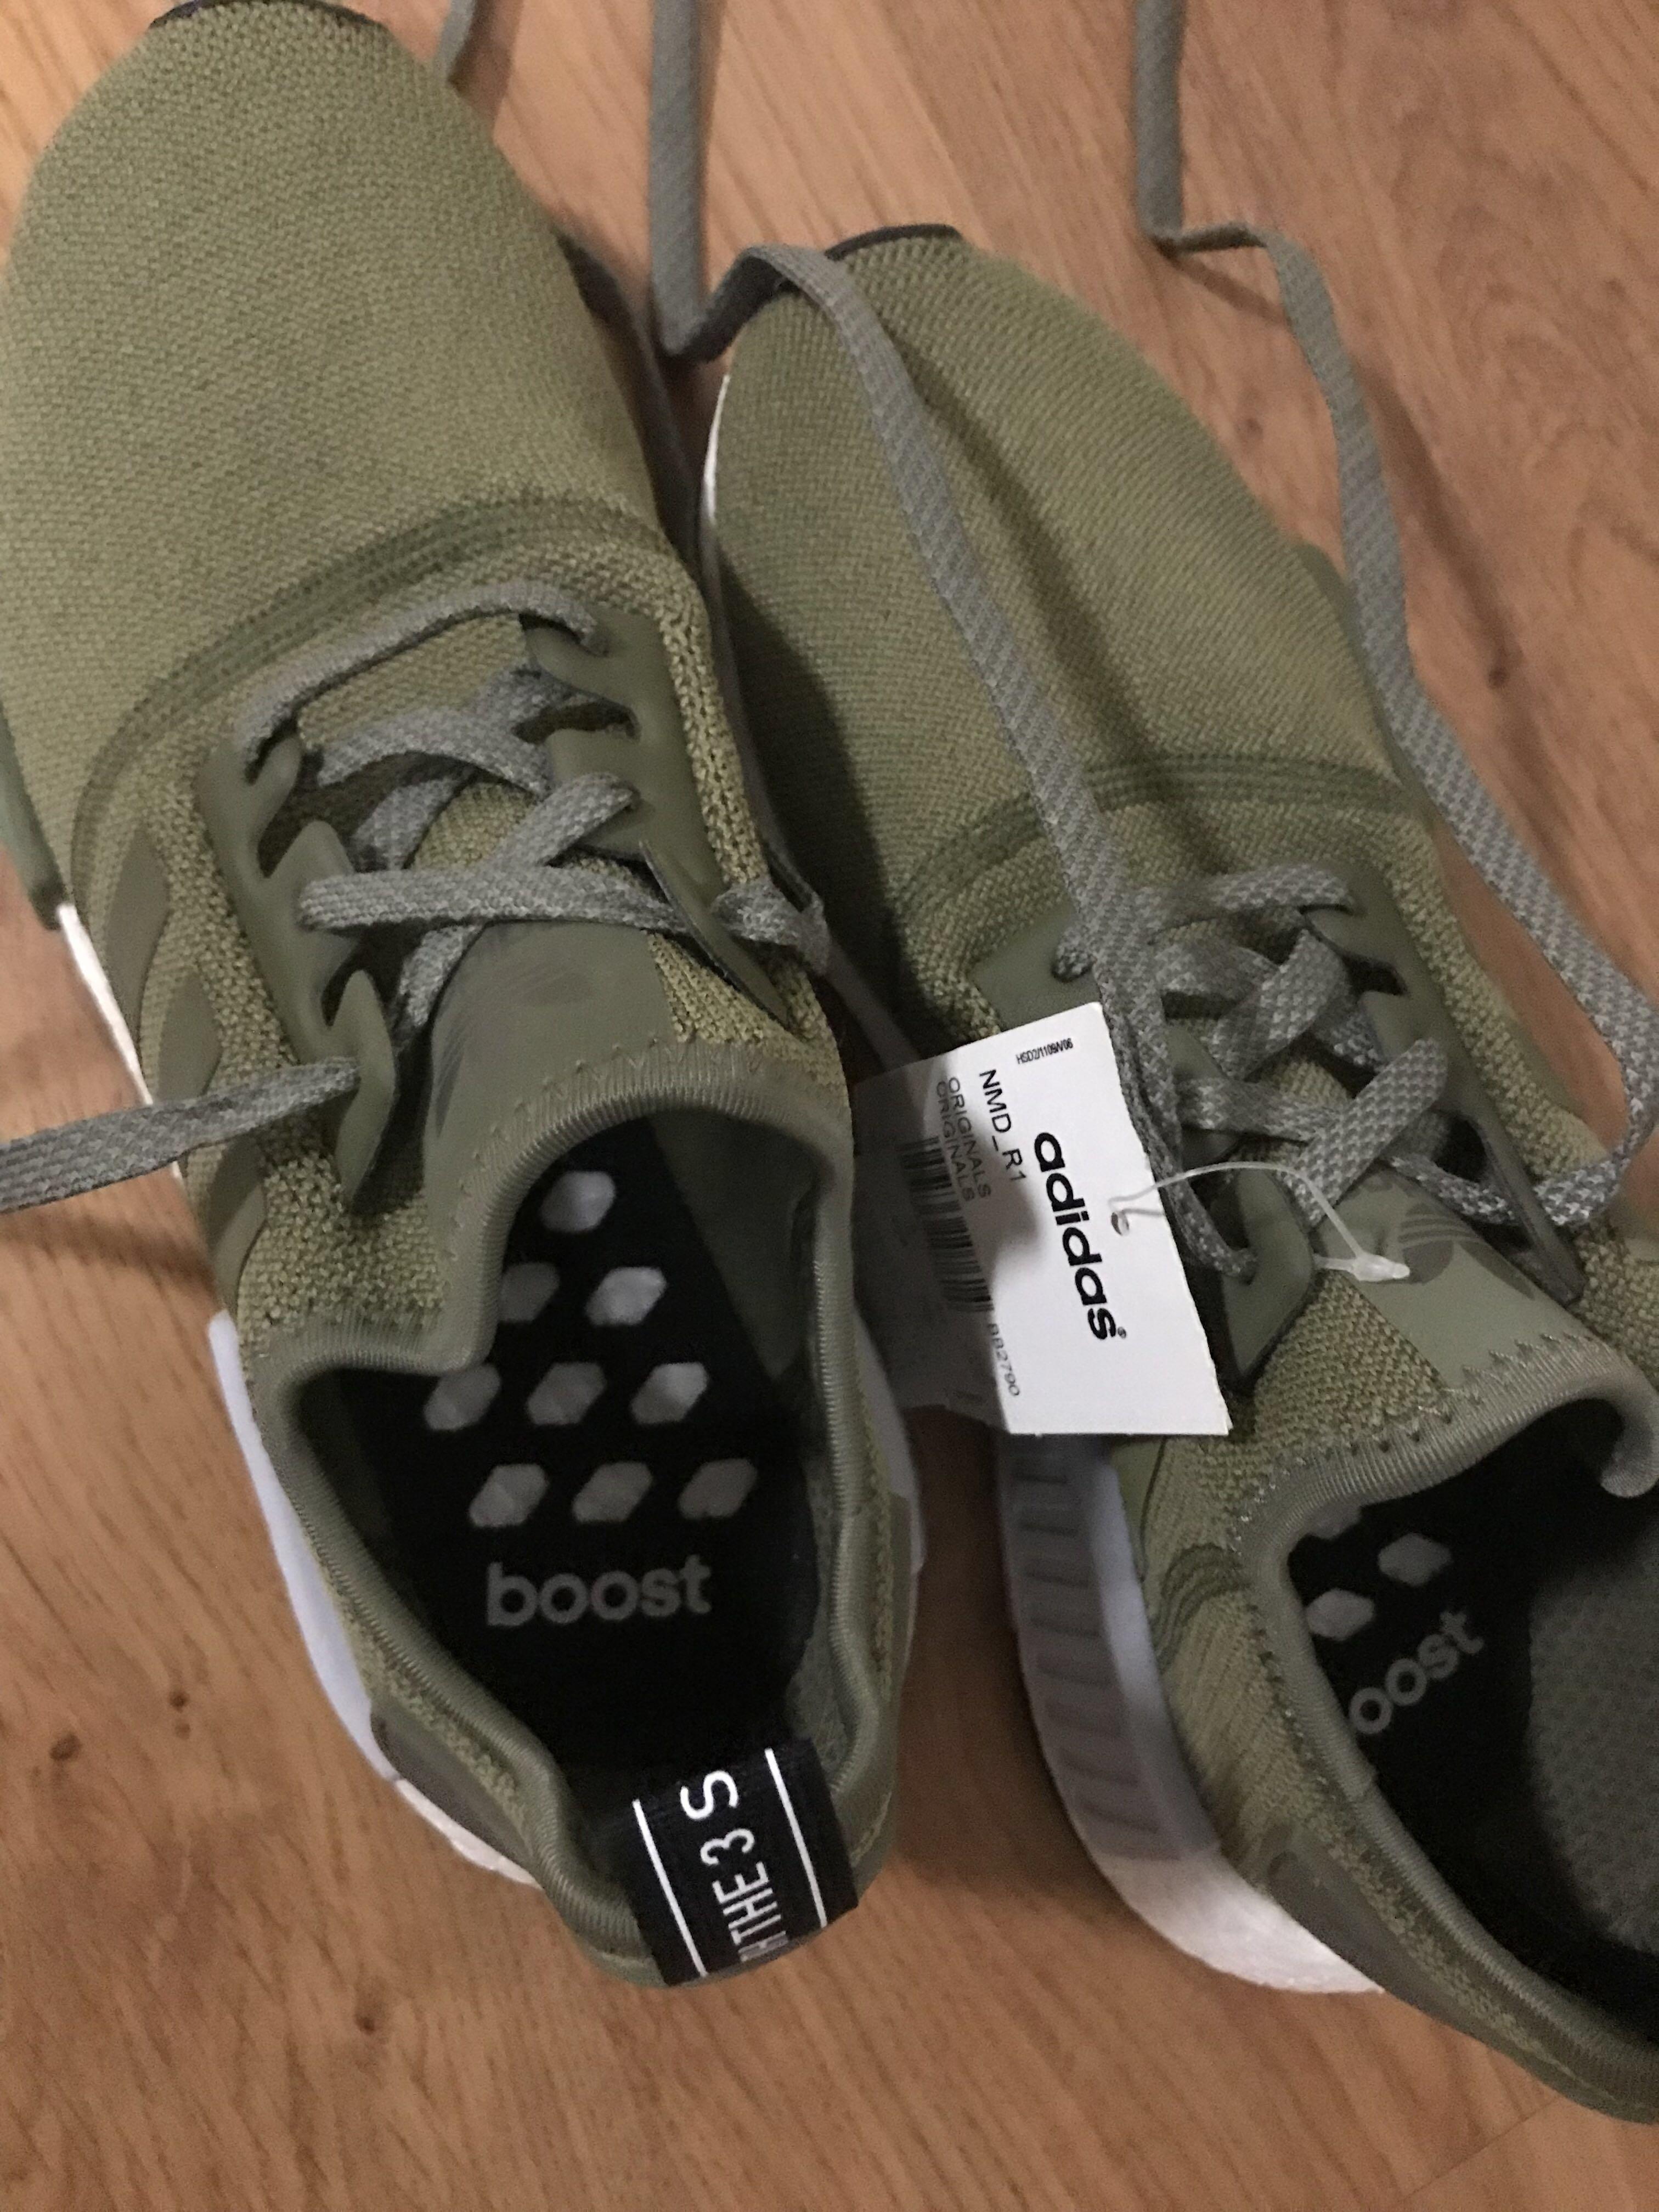 ed99e7e2ead4c Adidas NMD R1 - Olive Green